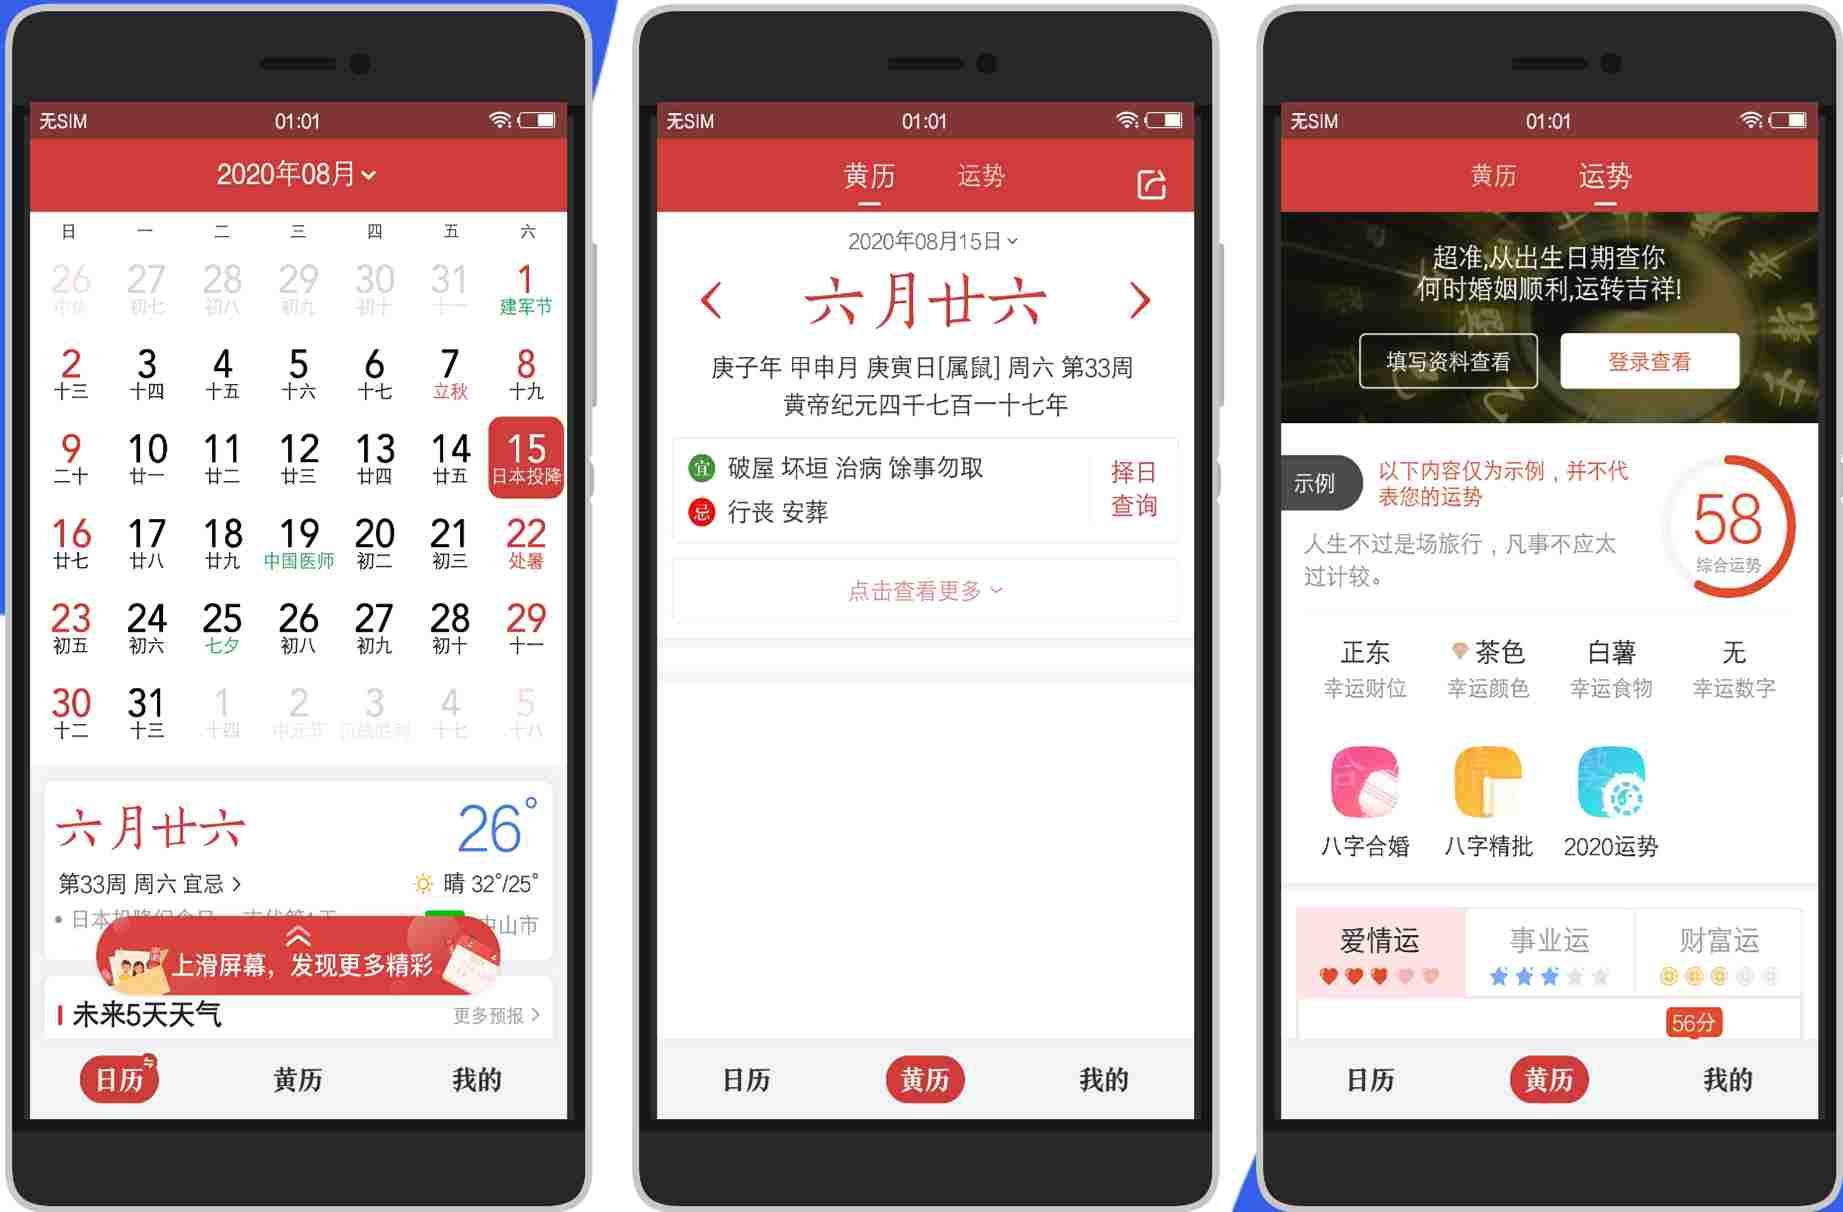 中华万年历v7.9.8去广告版-第1张图片-小冰资源网